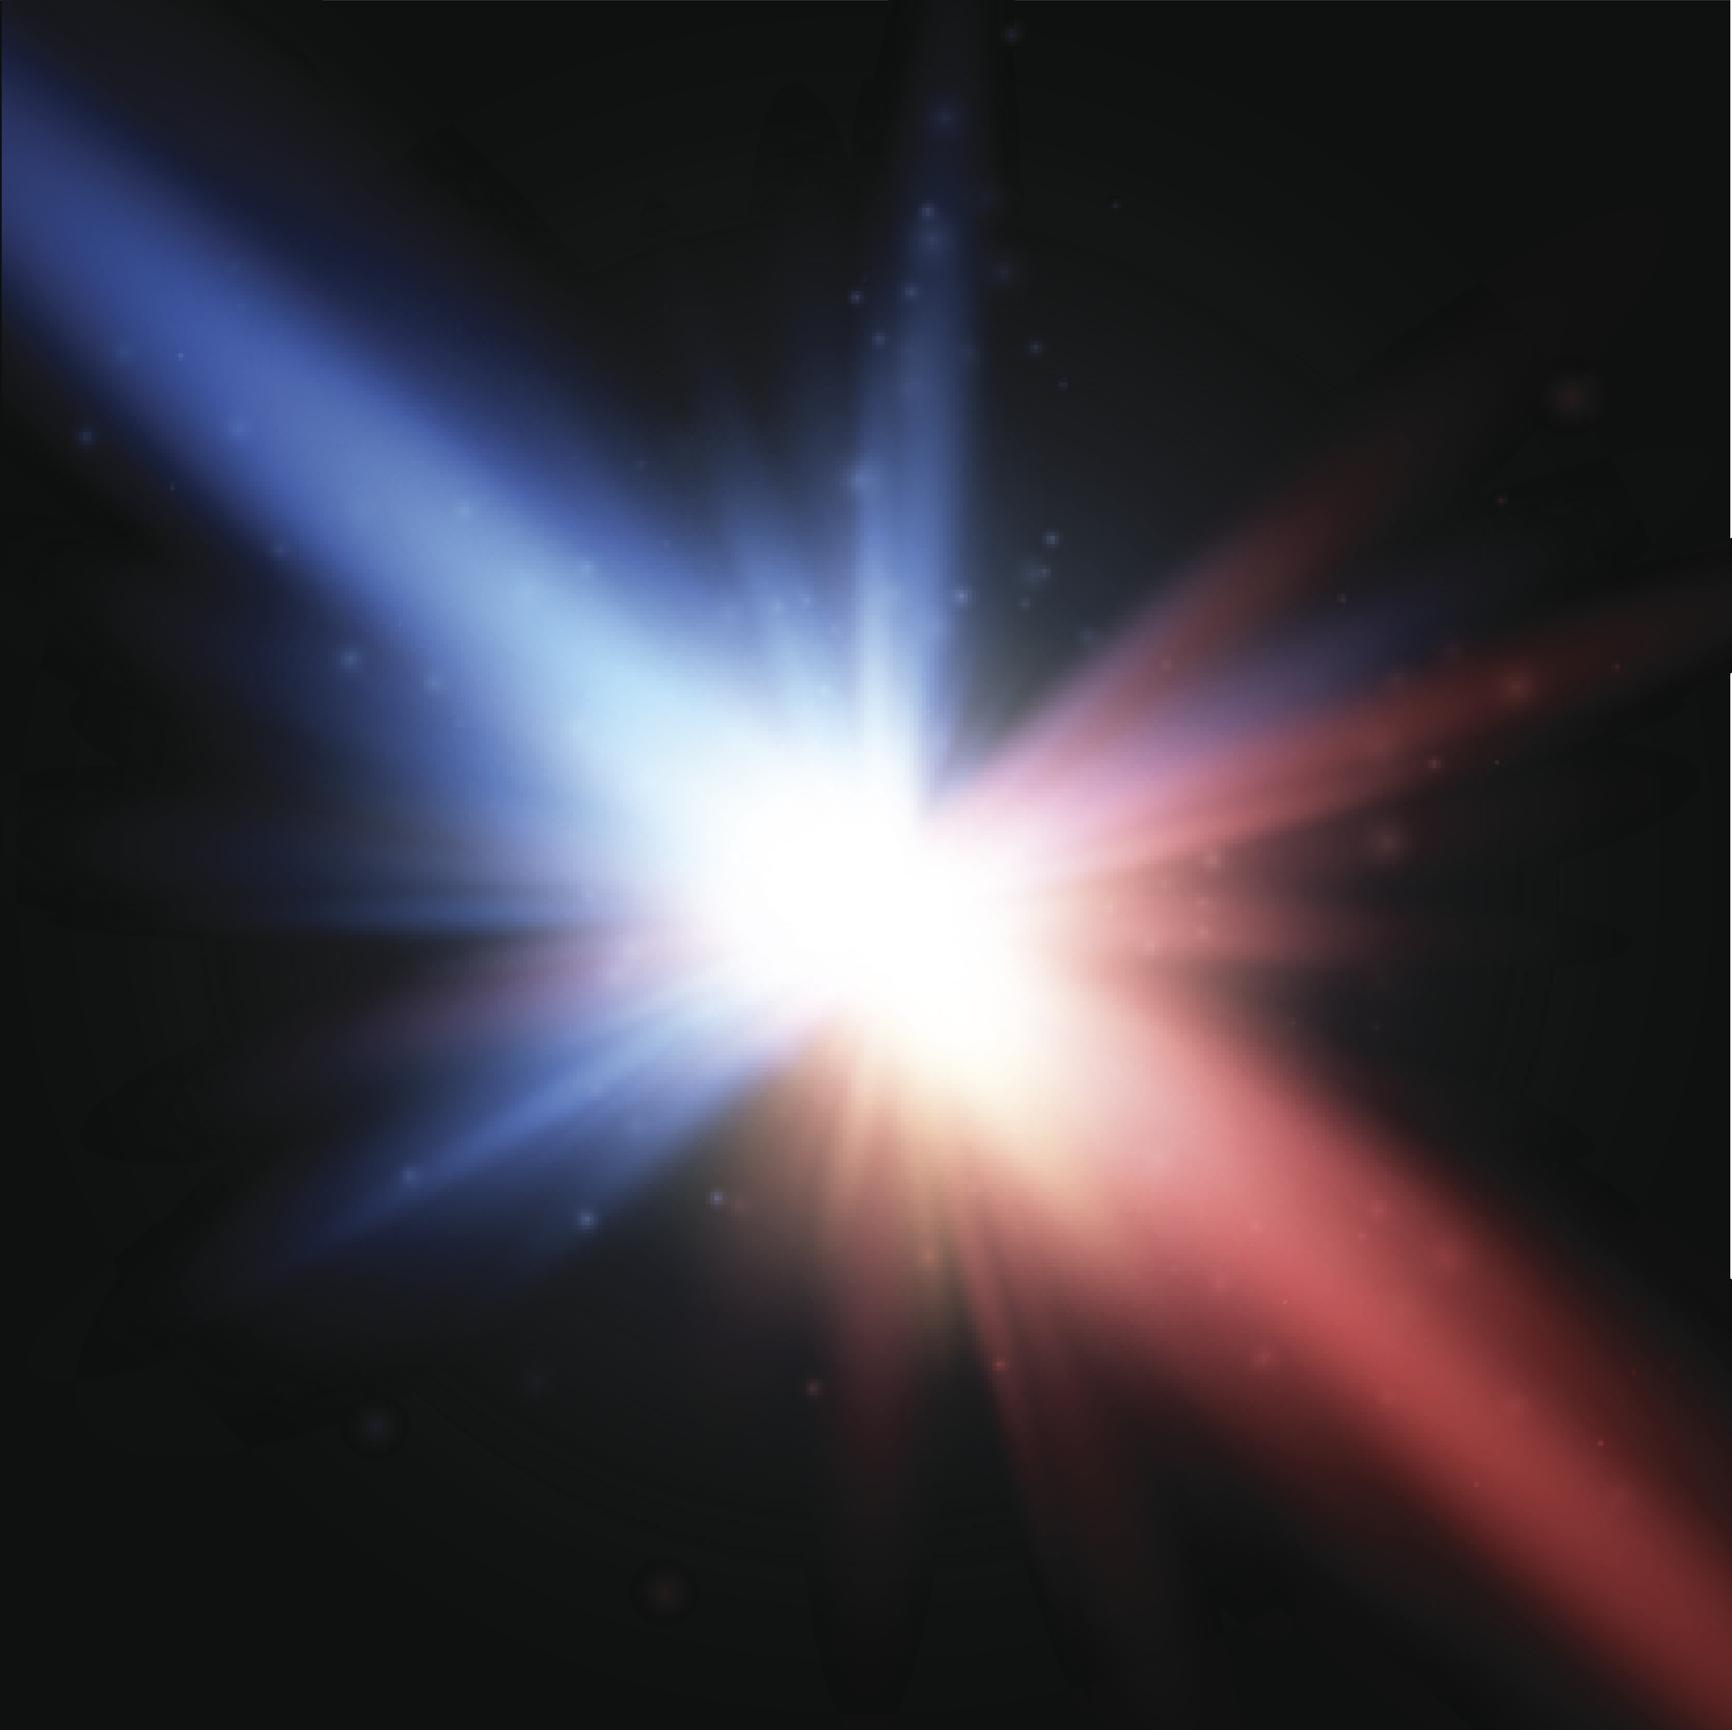 Освен това бихте преживели и Доплеров ефект, който би довел до това светлинните лъчи от звездите пред вас да се струпат, карайки обектите да изглеждат сини, а светлинните лъчи зад вас ще се разделят и ще карат обектите да изглеждат червени. Тези ефекти се наричат съответно червено и синьо отместване.